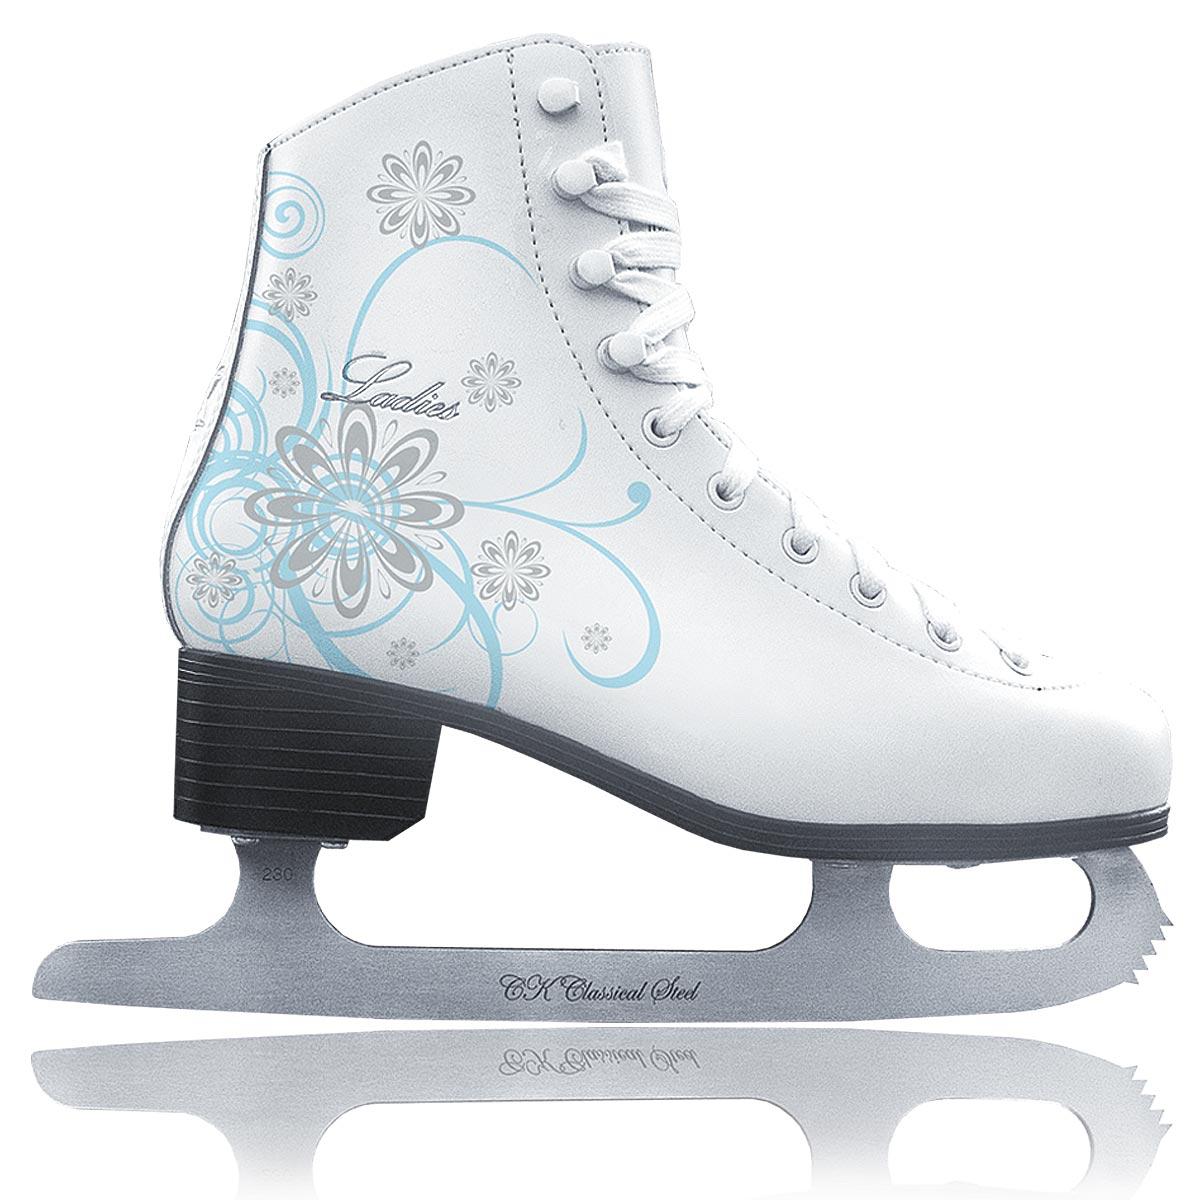 Коньки фигурные для девочки CK Ladies Velvet Classic, цвет: белый, голубой, серебряный. Размер 30